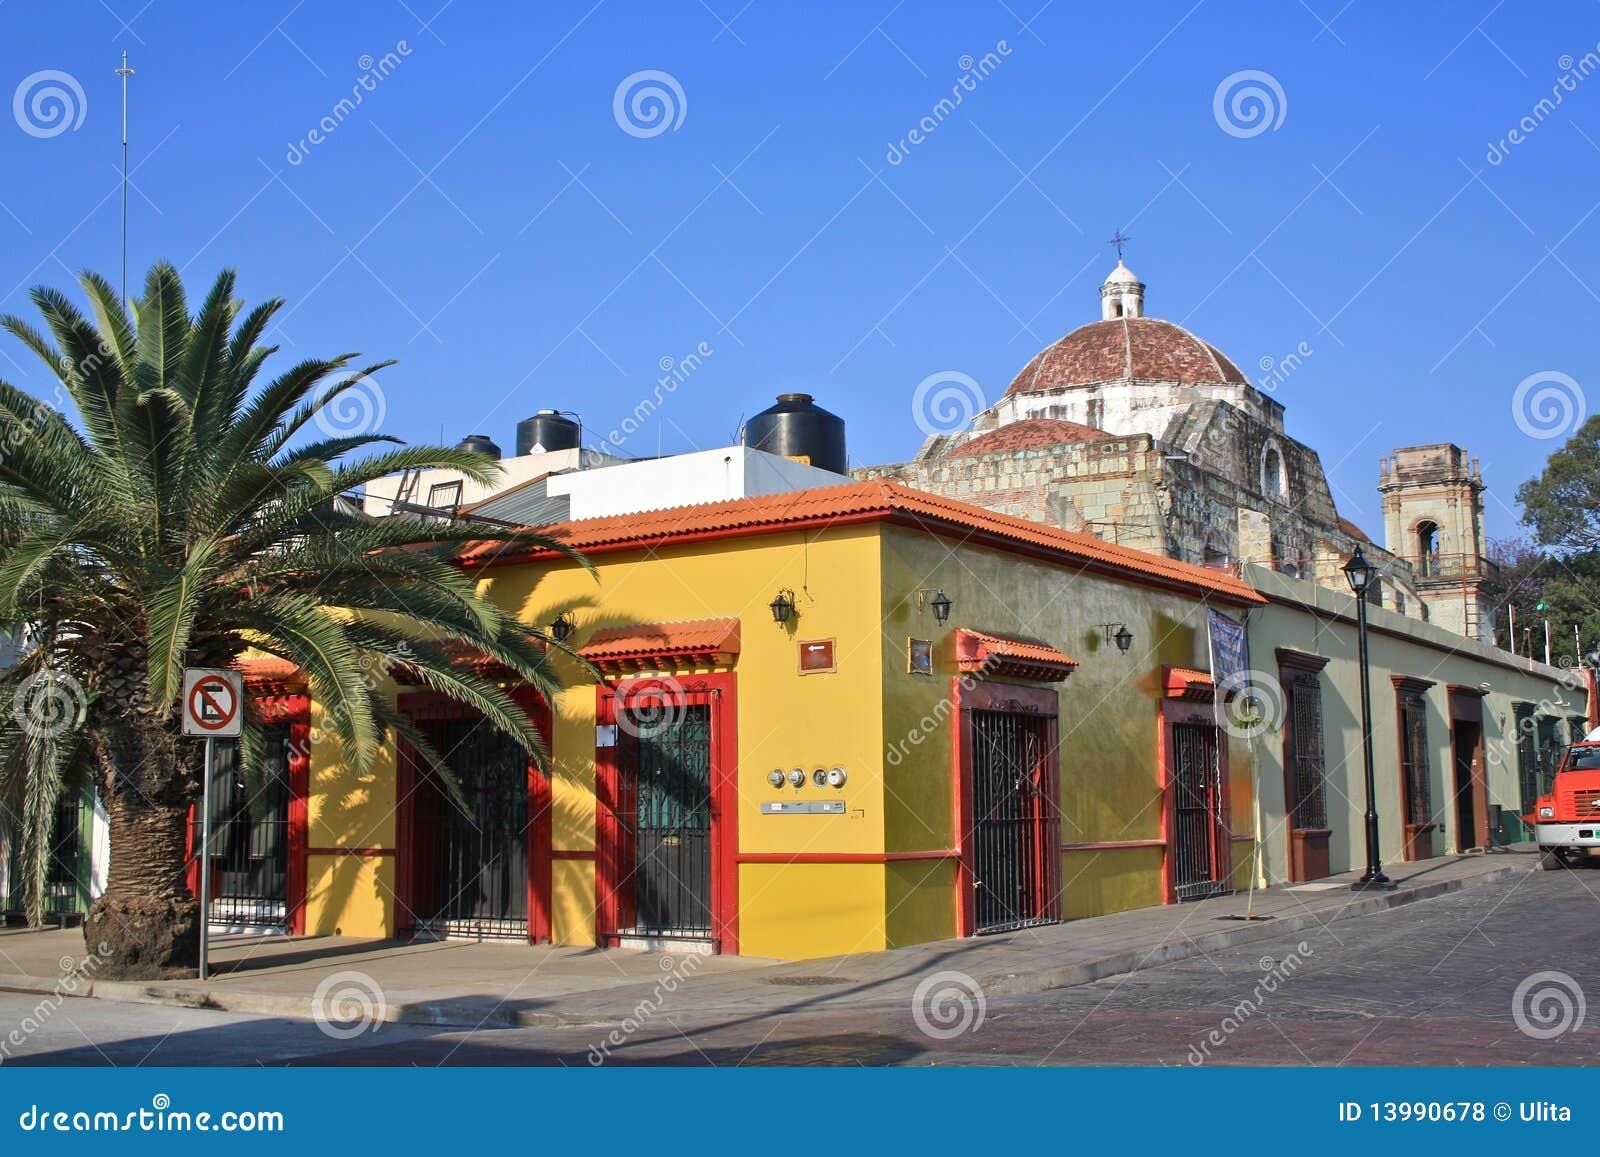 壁角墨西哥oaxaca街道